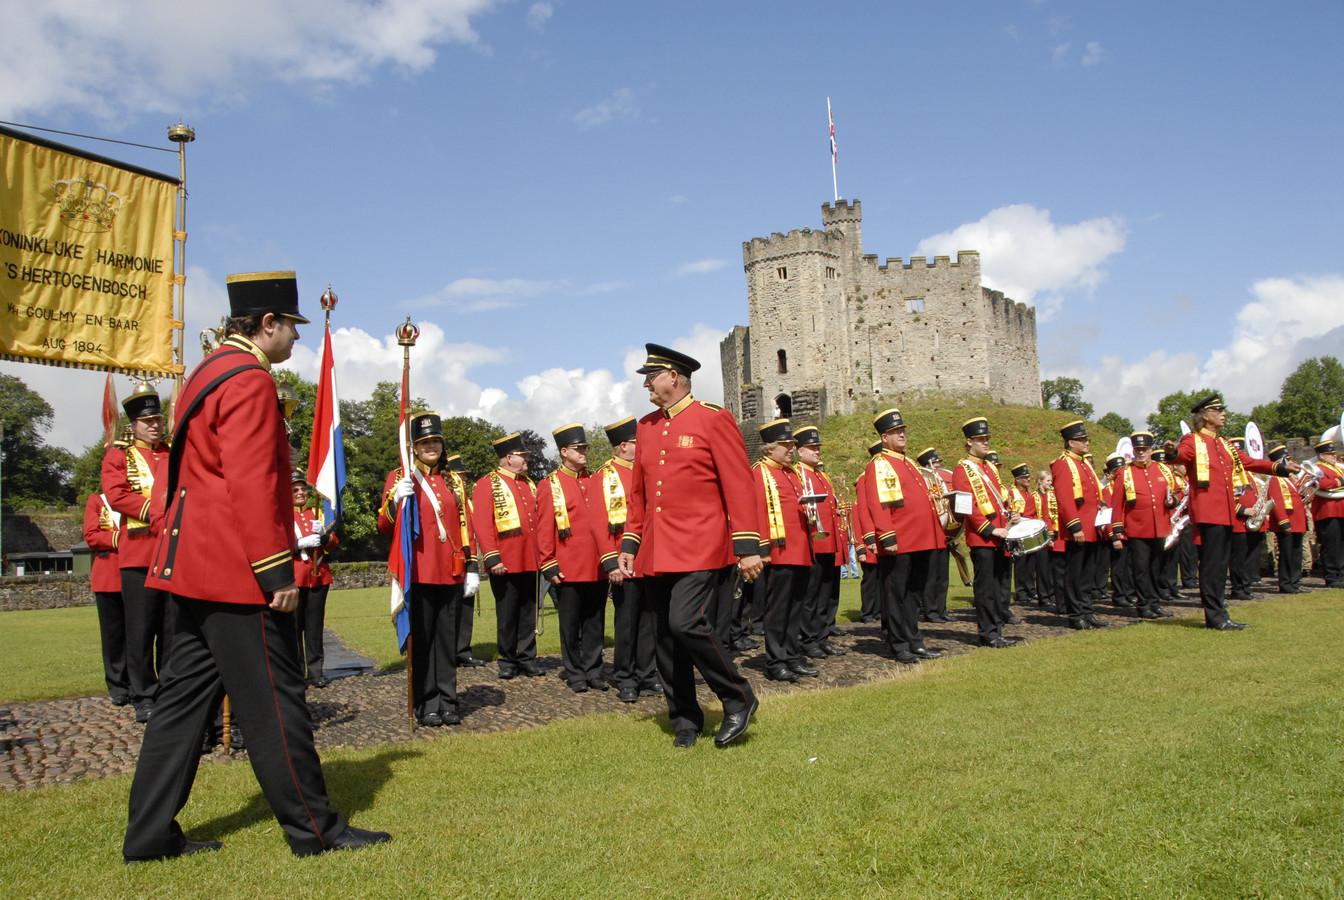 De Koninklijke bij de bevrijders van de stad in Wales.